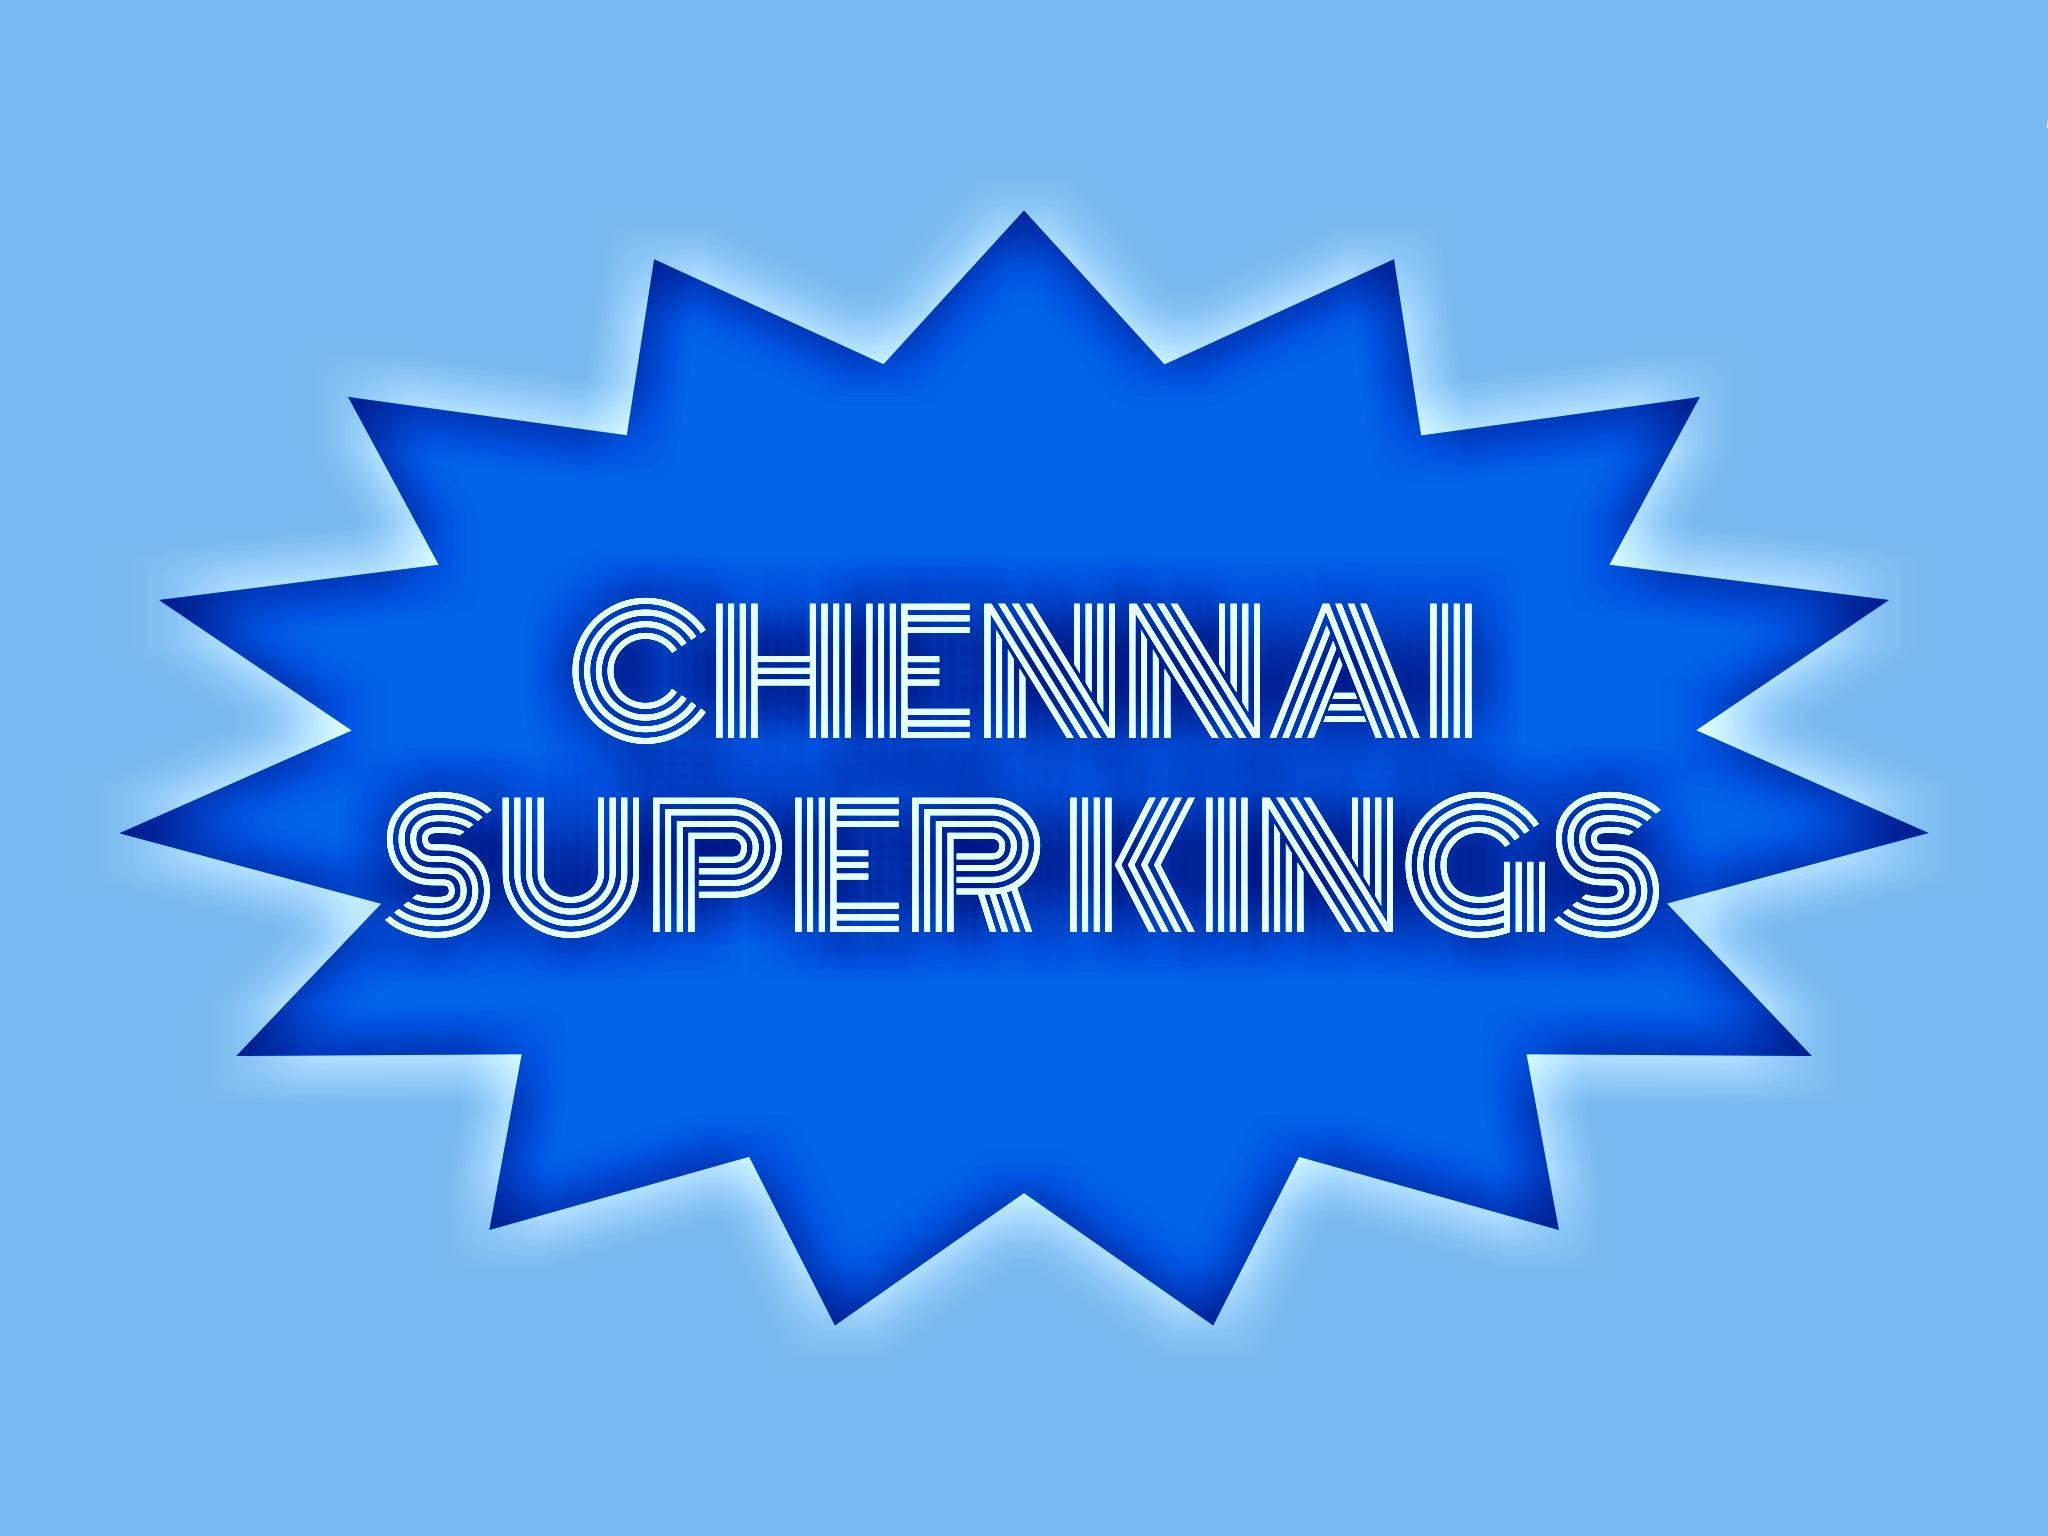 IPL team Chennai Superkings illustration